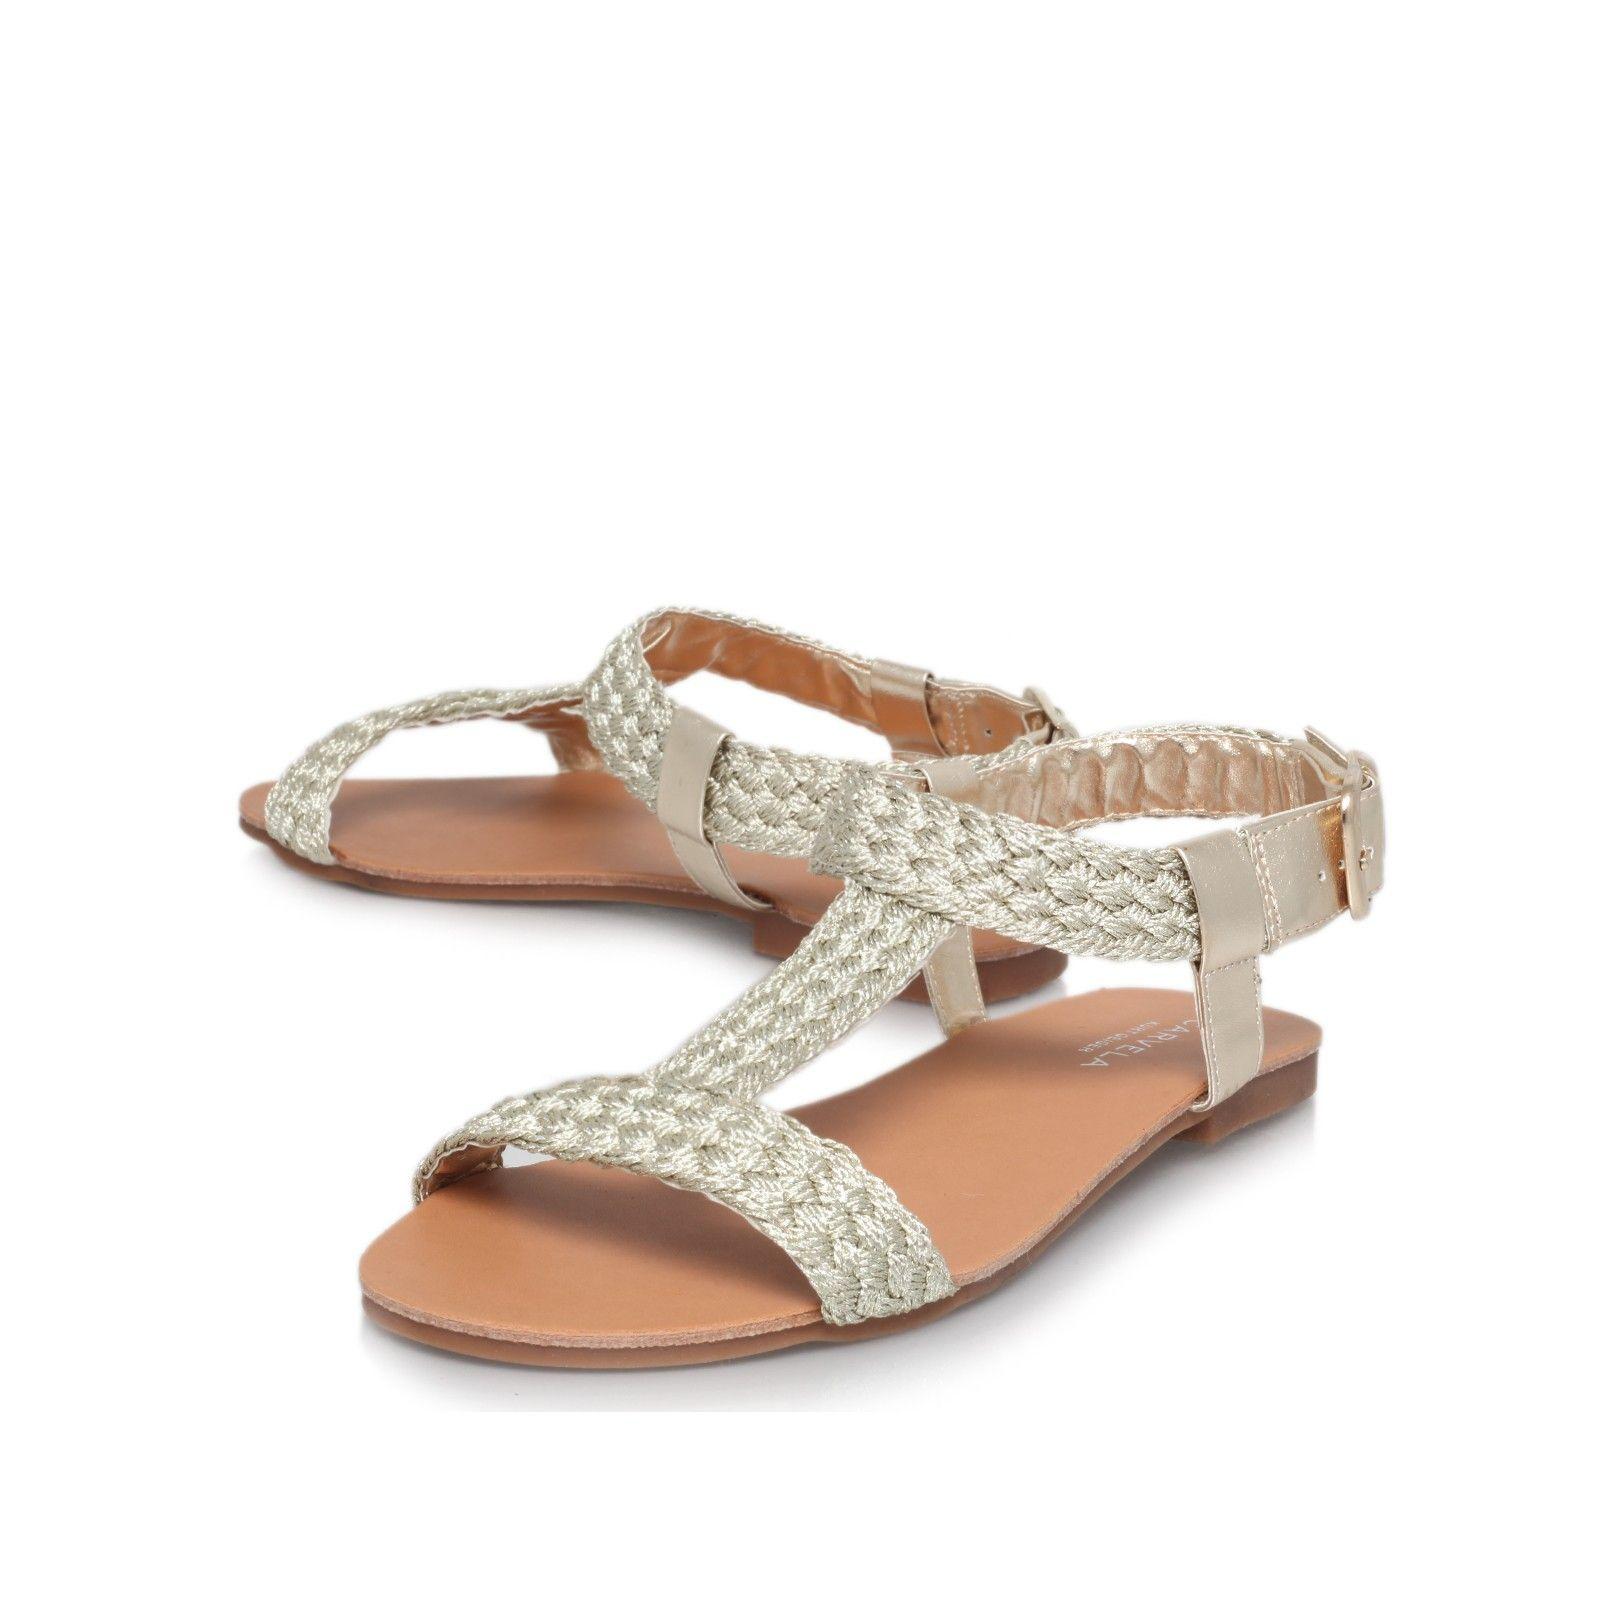 kay gold flat sandals from Carvela Kurt Geiger